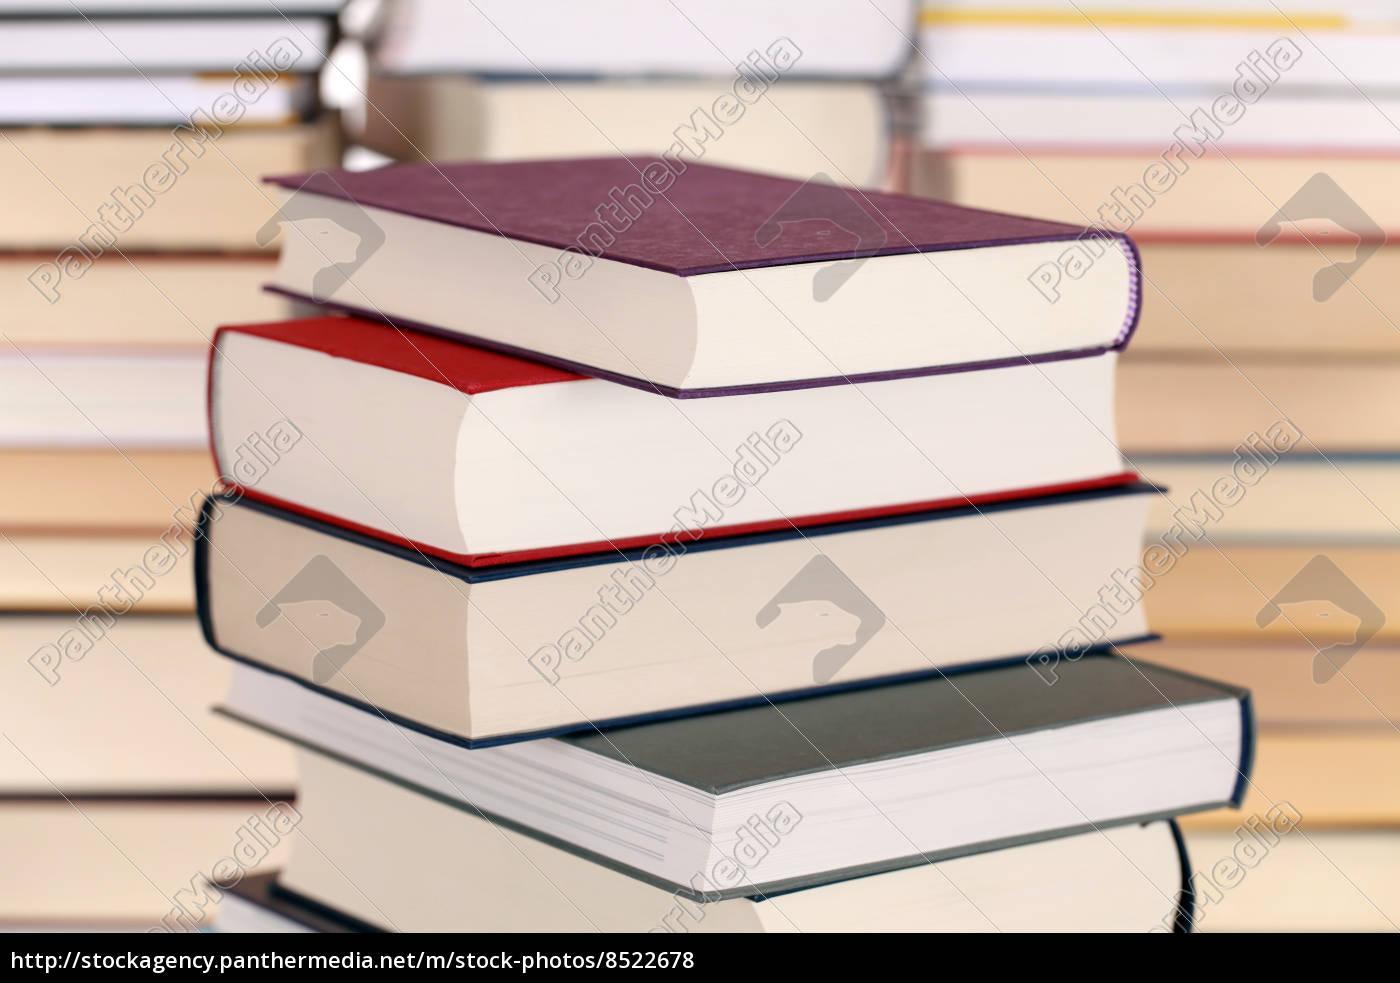 pilas, de, libros, coloridos - 8522678